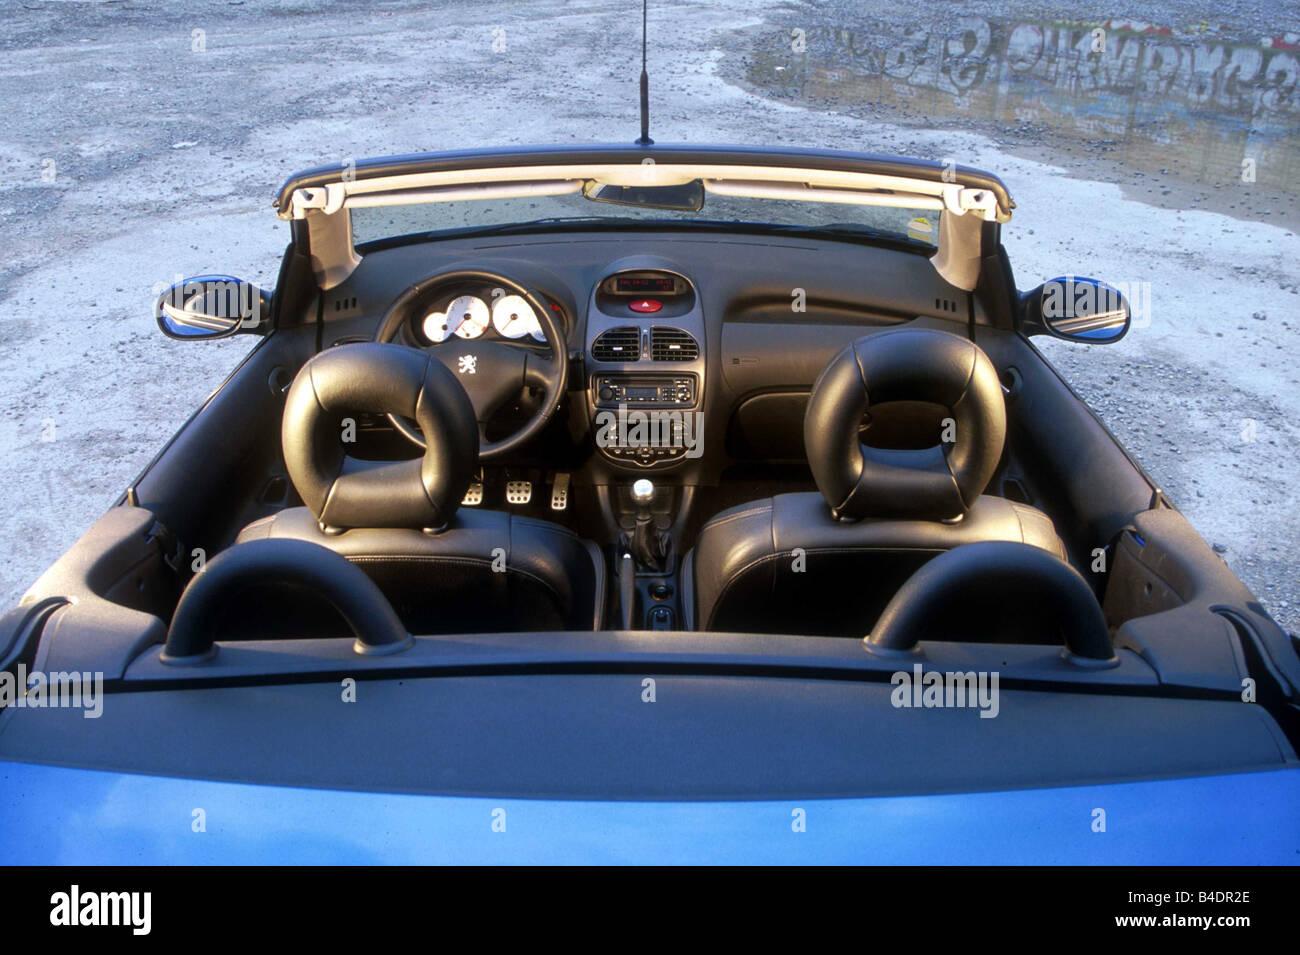 Auto, Peugeot 206 CC, Cabrio, Baujahr 2000-, blau, open Top ...